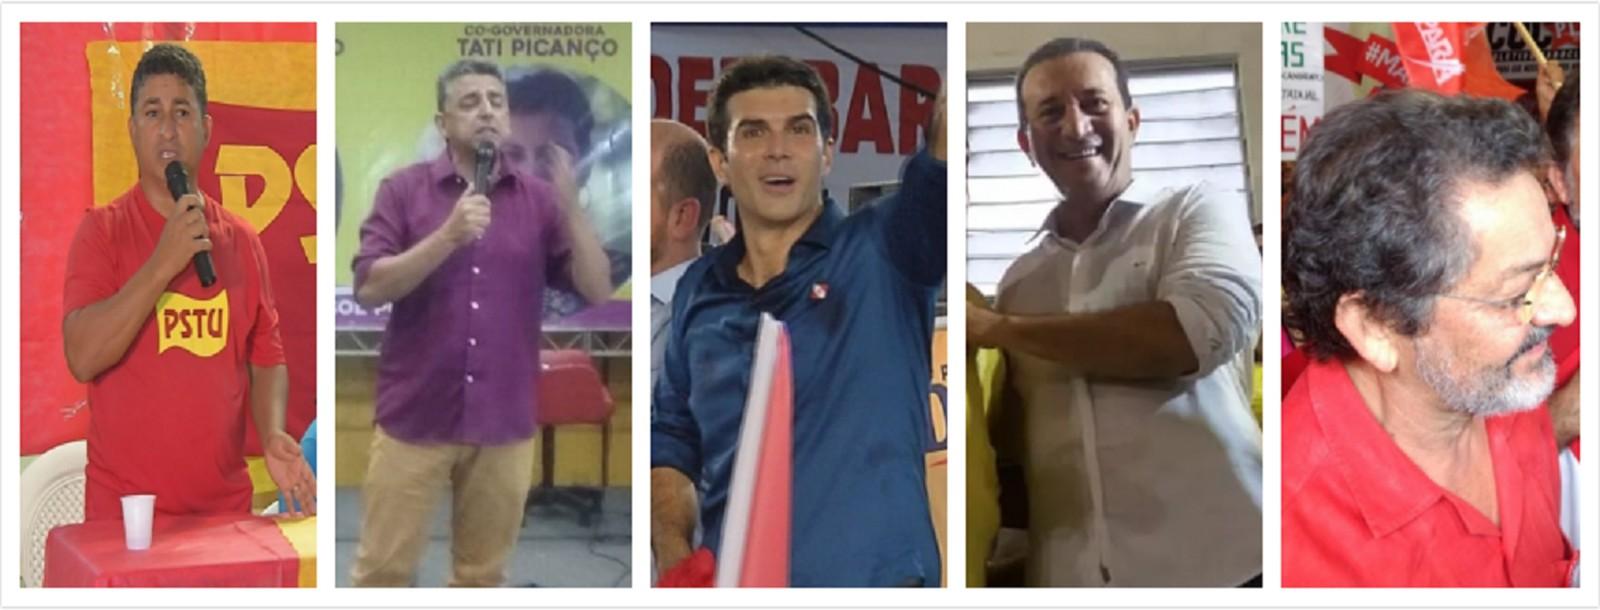 Candidatos ao governo do Pará (Foto: Reprodução)